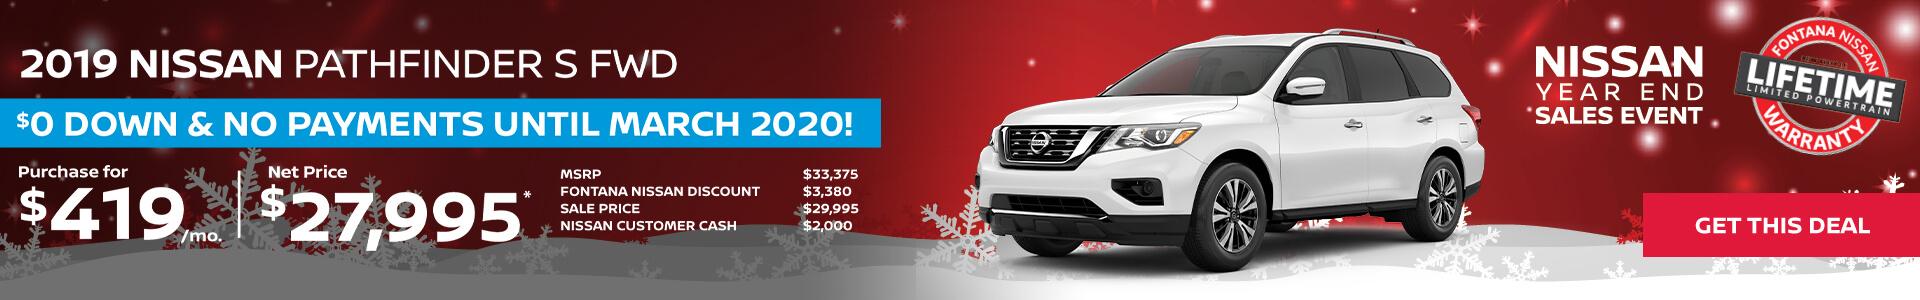 Nissan Pathfinder $419